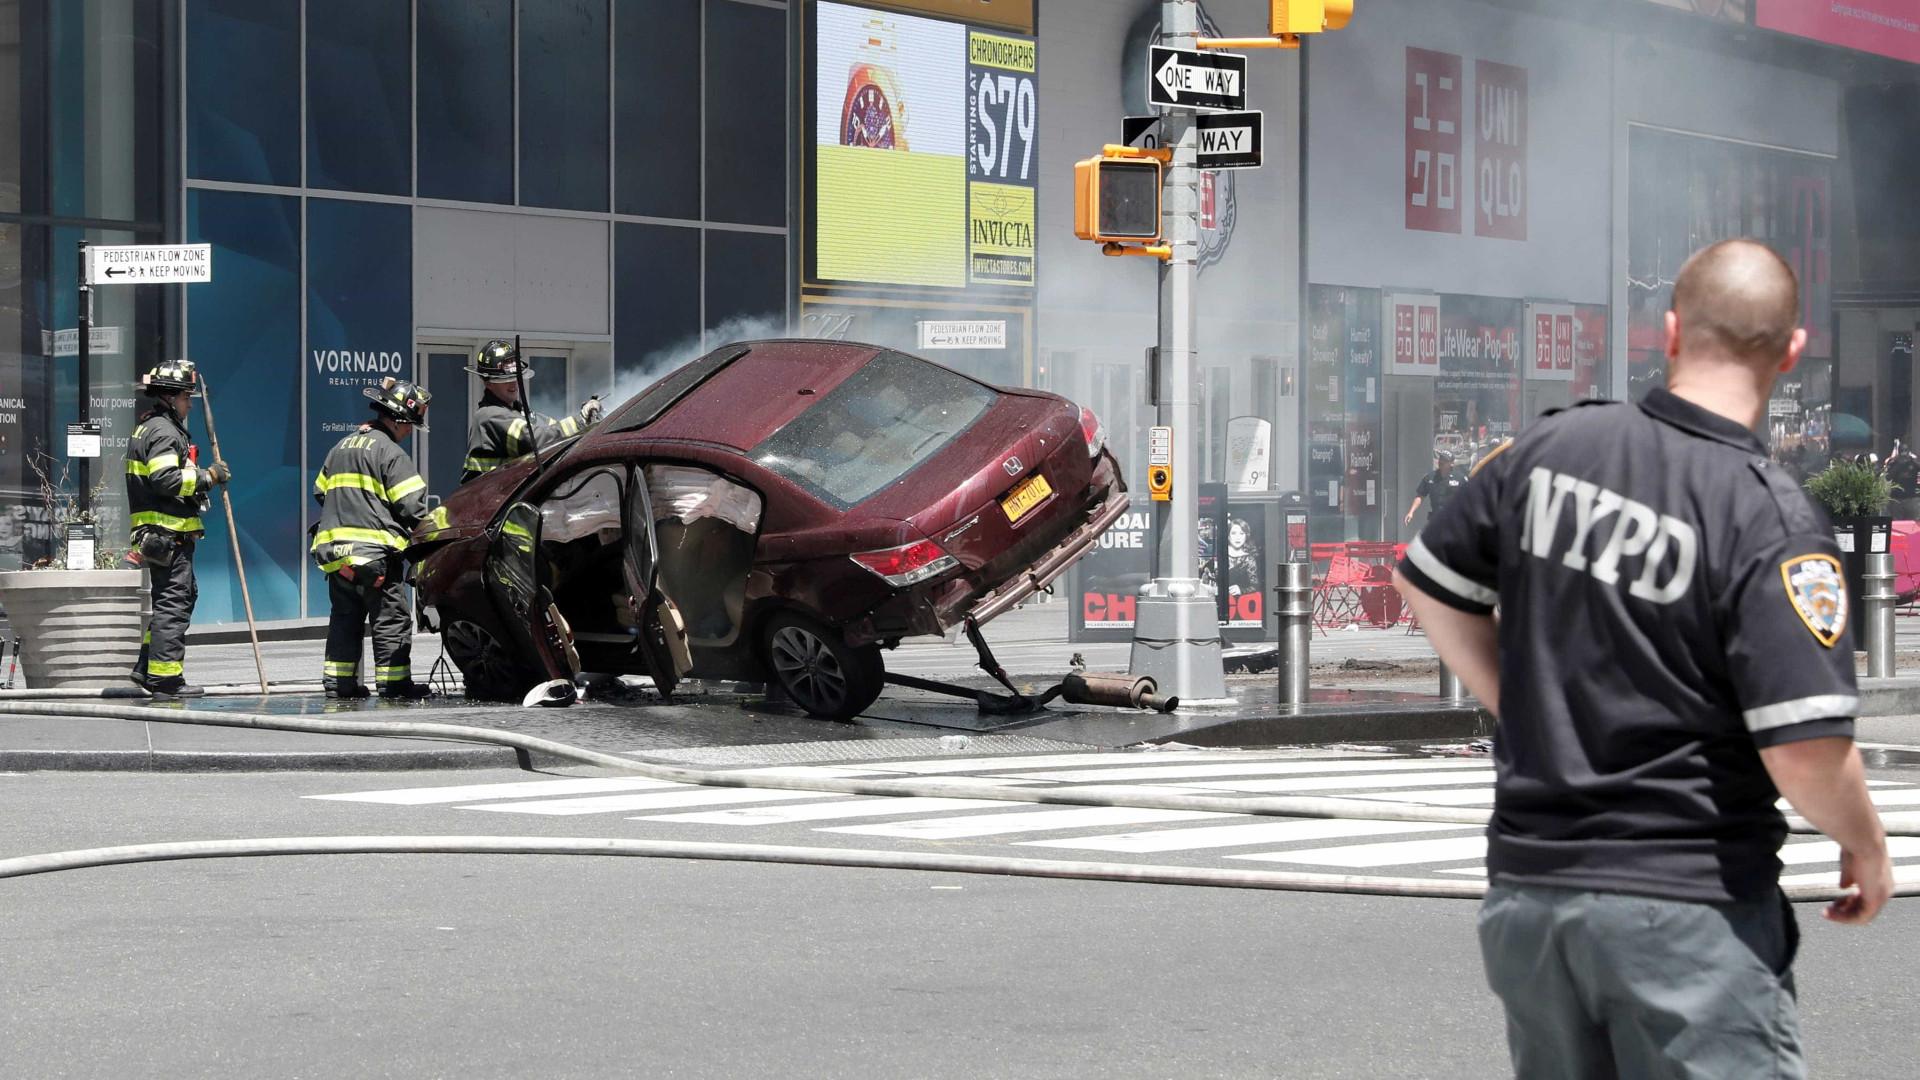 Polícia descarta possibilidade de atentado em Times Square